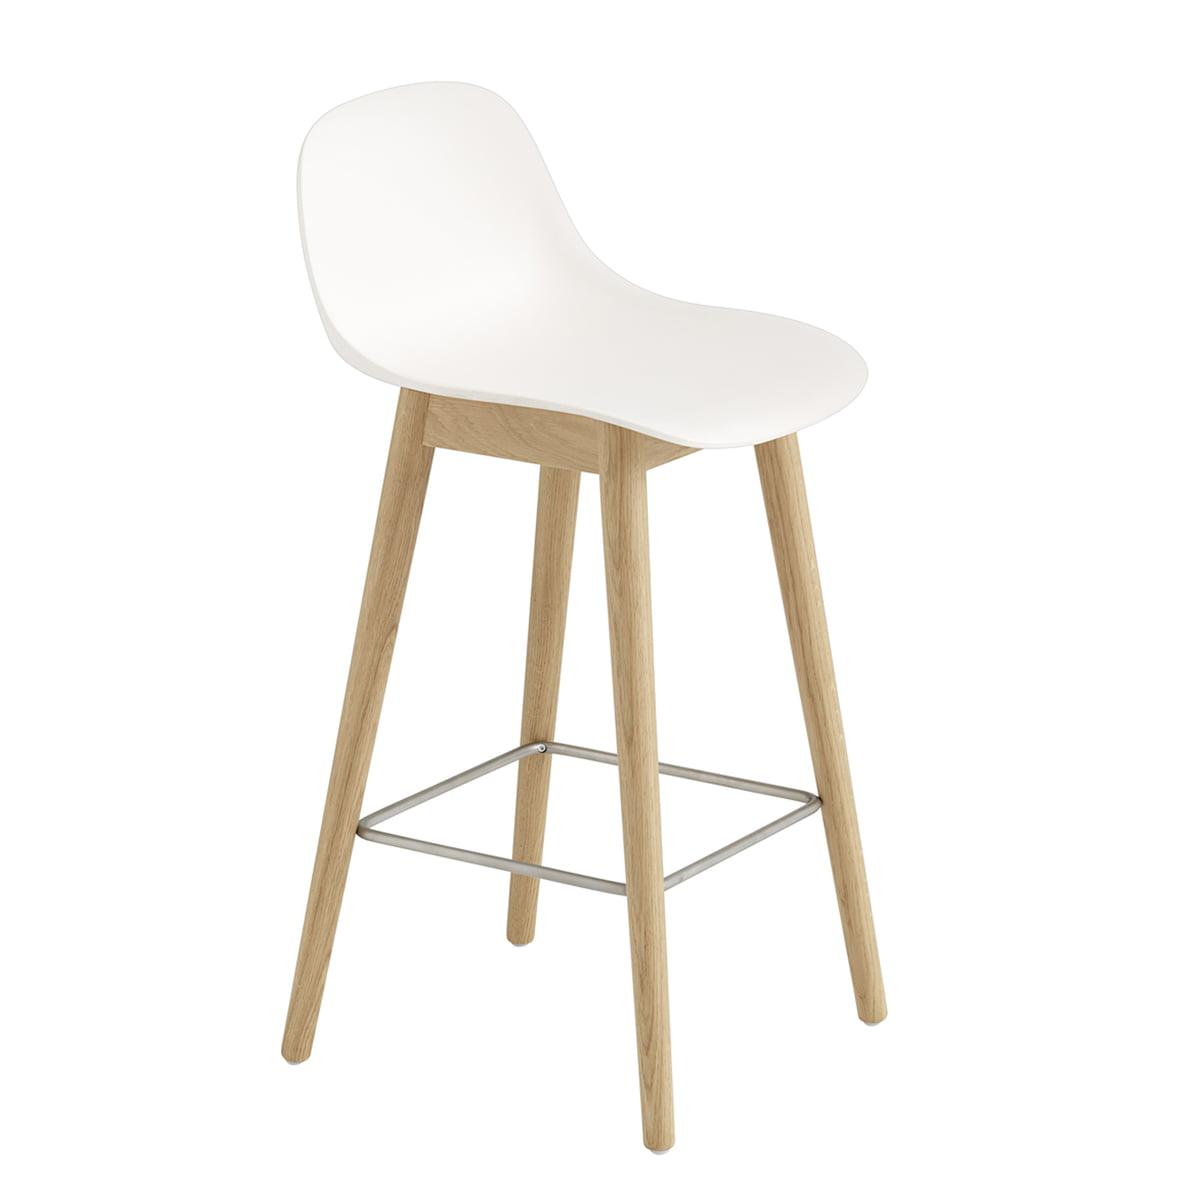 Muuto - Fiber Barhocker Wood Base mit Rückenlehne H 65 cm, Eiche / weiß | Küche und Esszimmer > Bar-Möbel > Barhocker | Muuto